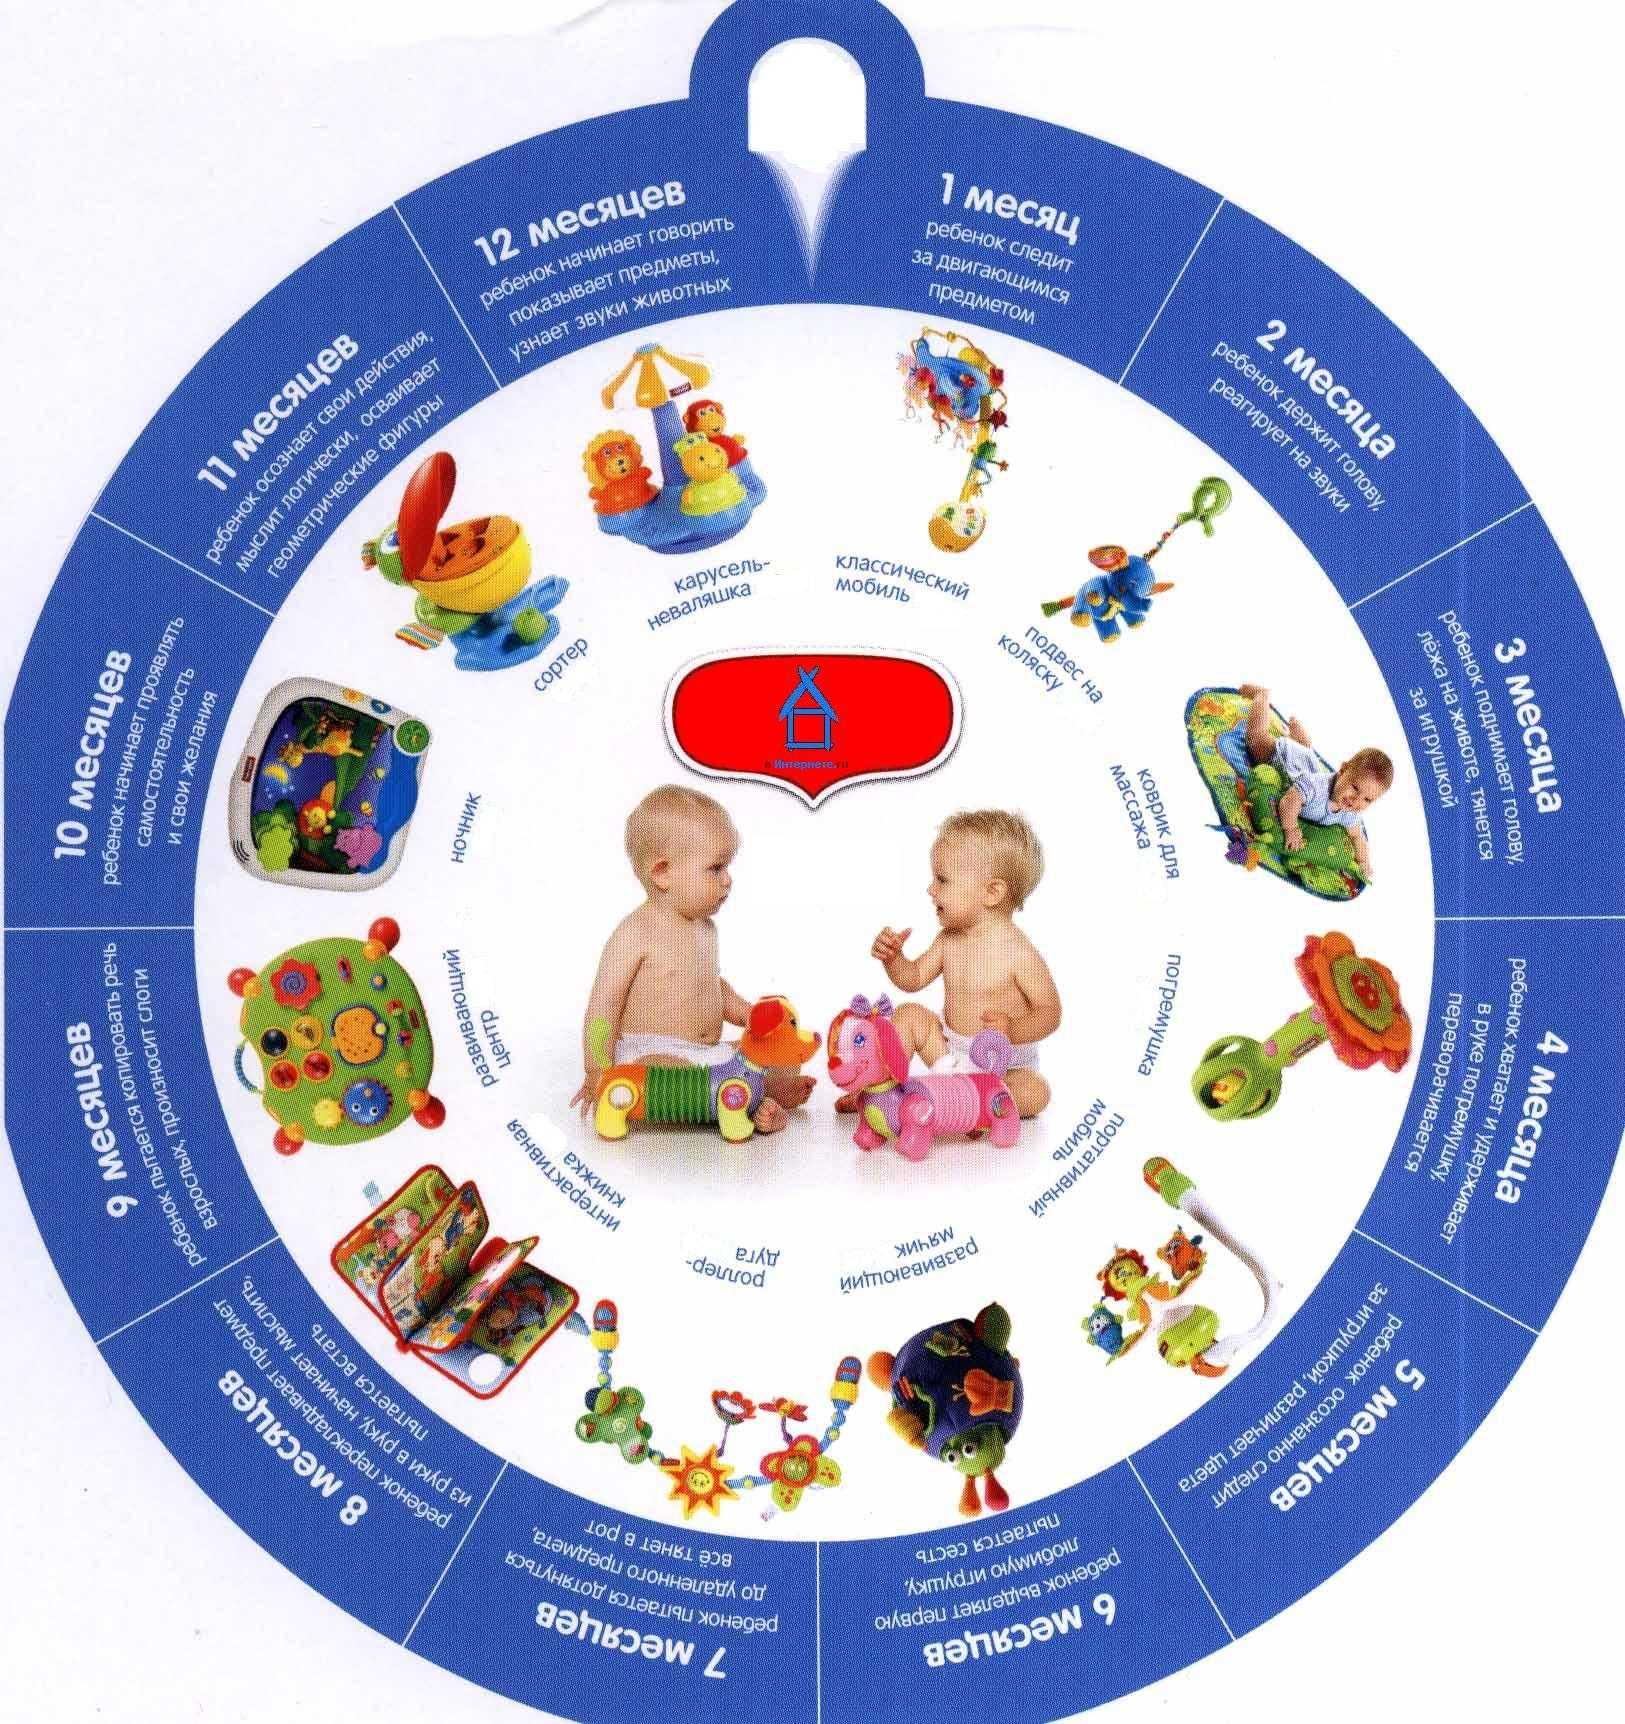 Рост мальчика в 2 года и его средний вес в этом возрасте, таблица с нормами роста и веса мальчиков двух лет